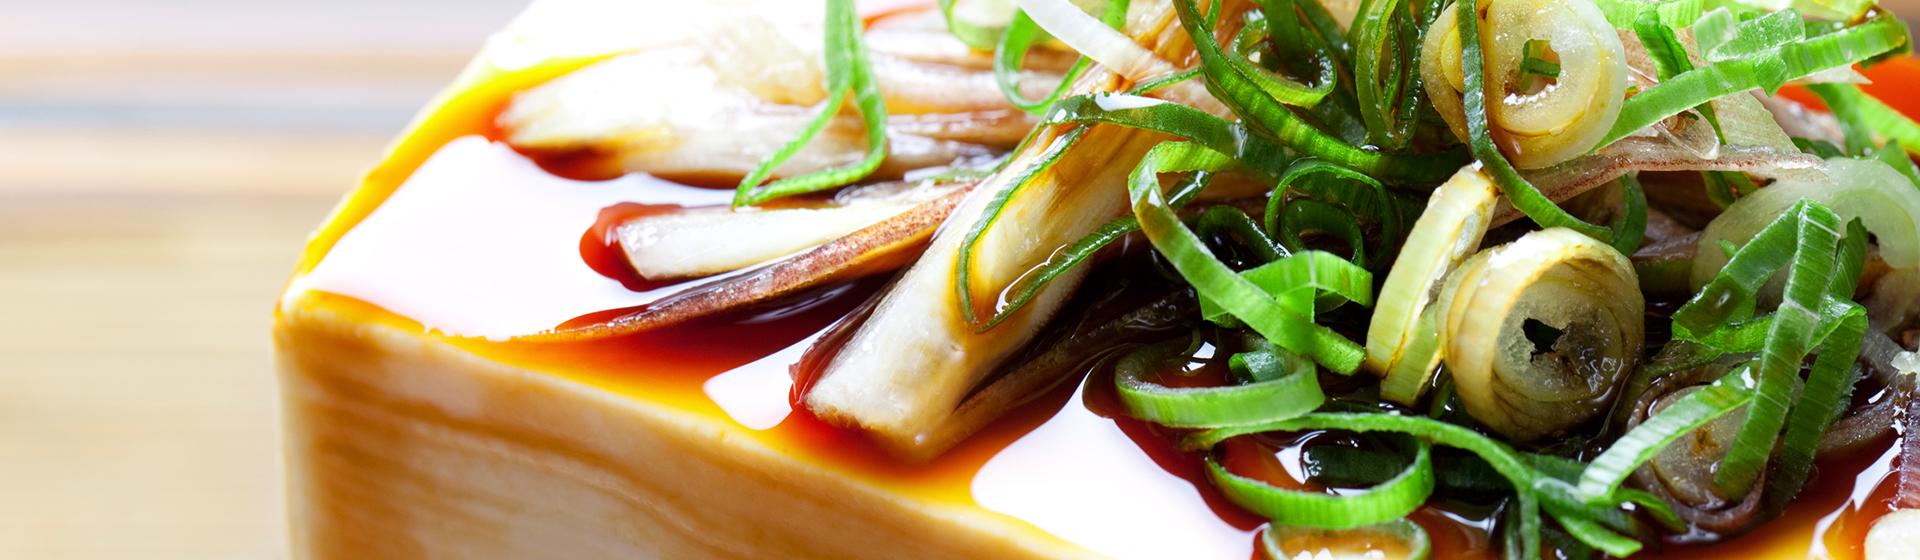 明治38年創業阿蘇小国・黒川、ふるさとの優れた味と香りを大切に造り上げた伝統の『ときわや醤油』良質の原料を使用し長い伝統の技が育むまろやかで旨味あふれる醤油をお楽しみください。